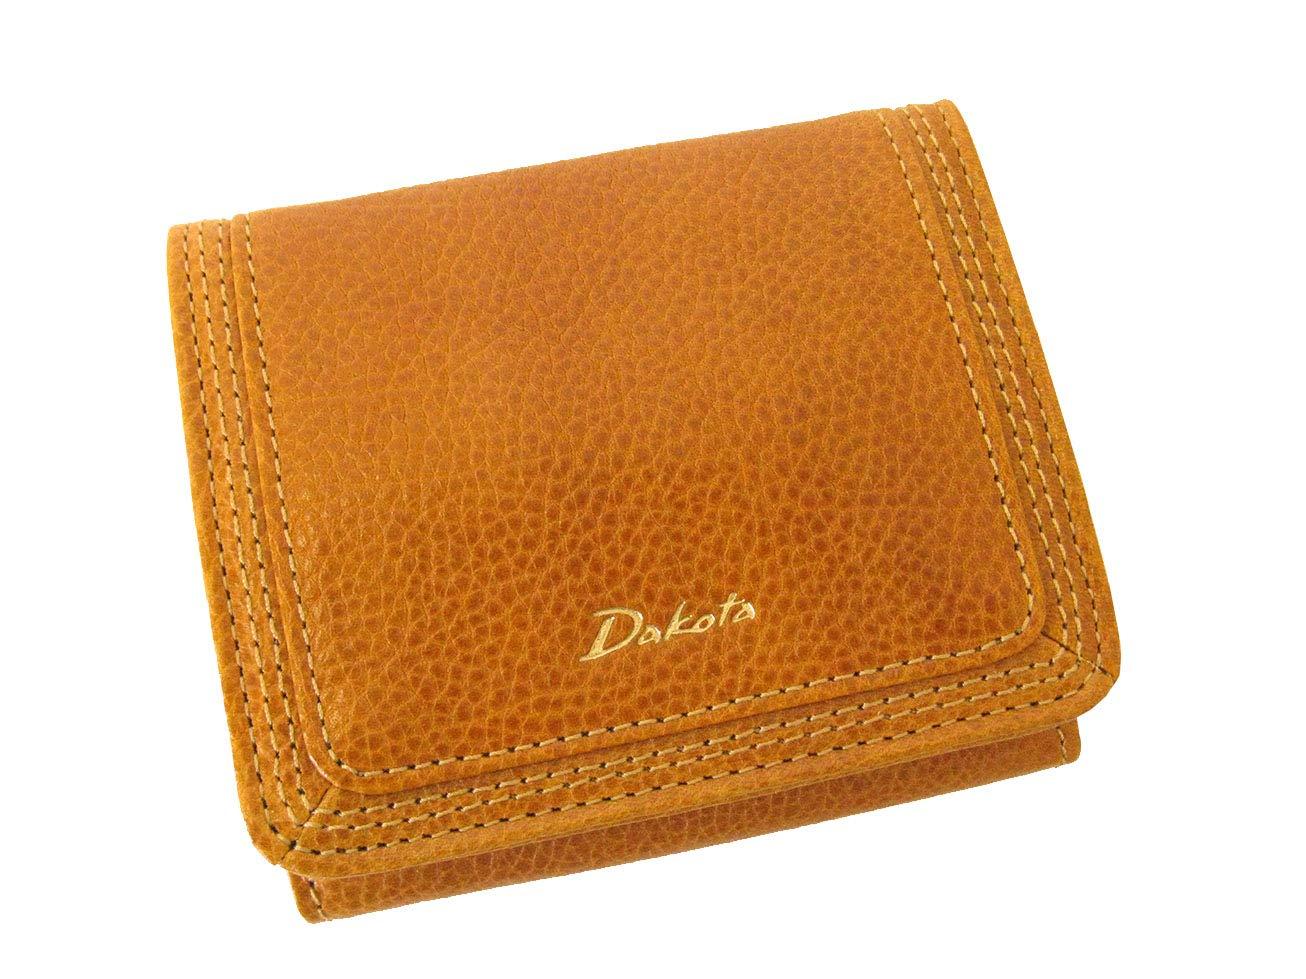 (ダコタ) Dakota クエロ 四方口小銭入れの二つ折り財布 0036180 B07GDDM8H2 マスタード マスタード